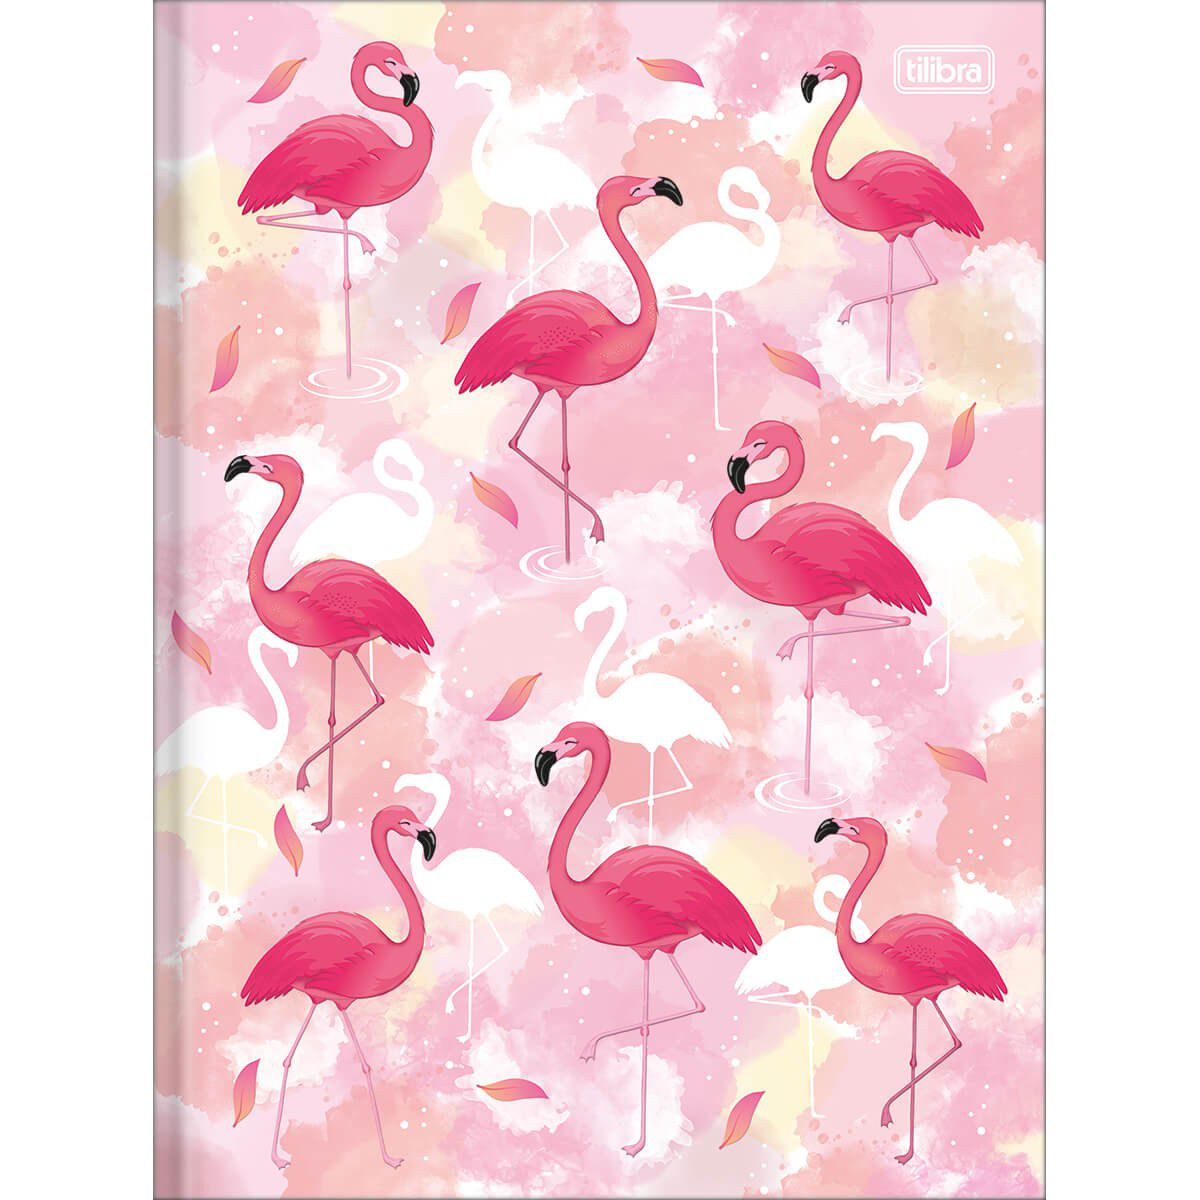 Caderno Tilibra Capa Dura Costurado Universitário 1X1 80 Fls Flamingo Aloha 292575 26384